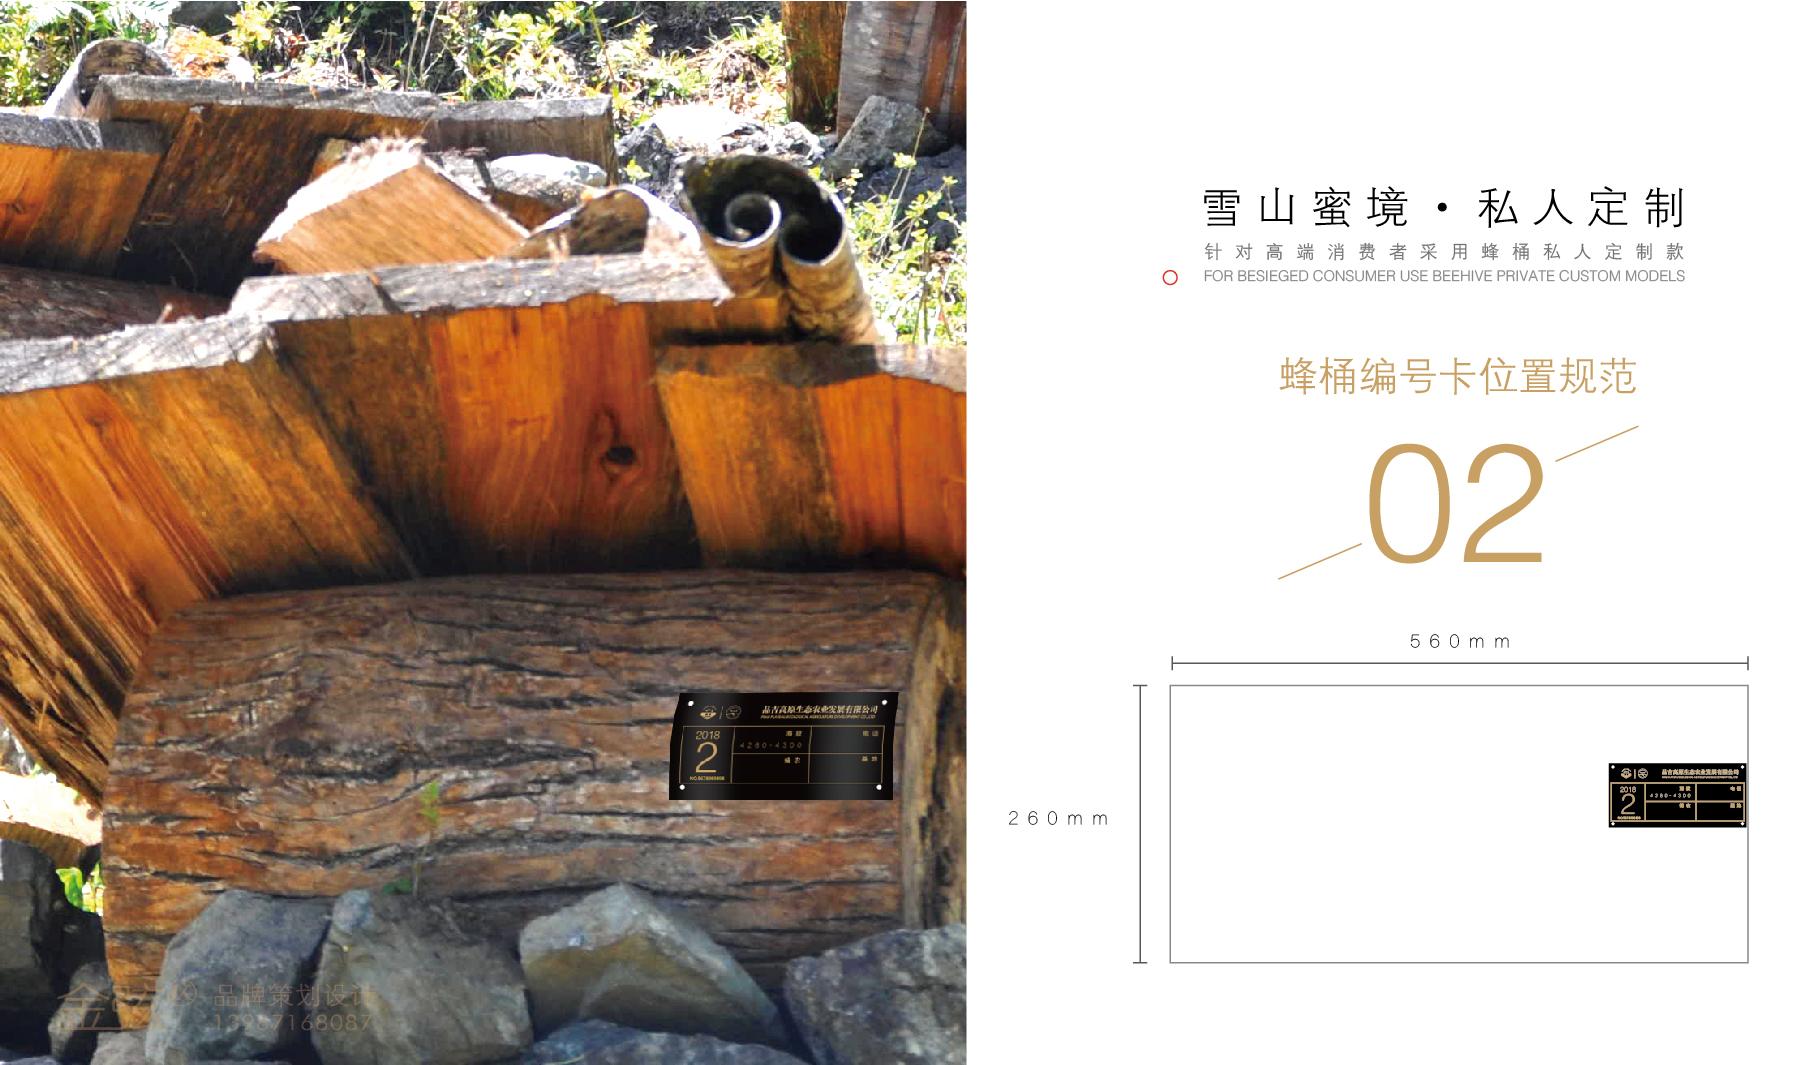 品吉 雪山蜜境私人定制蜂桶认领方案 包装设计 客户资料  第4张